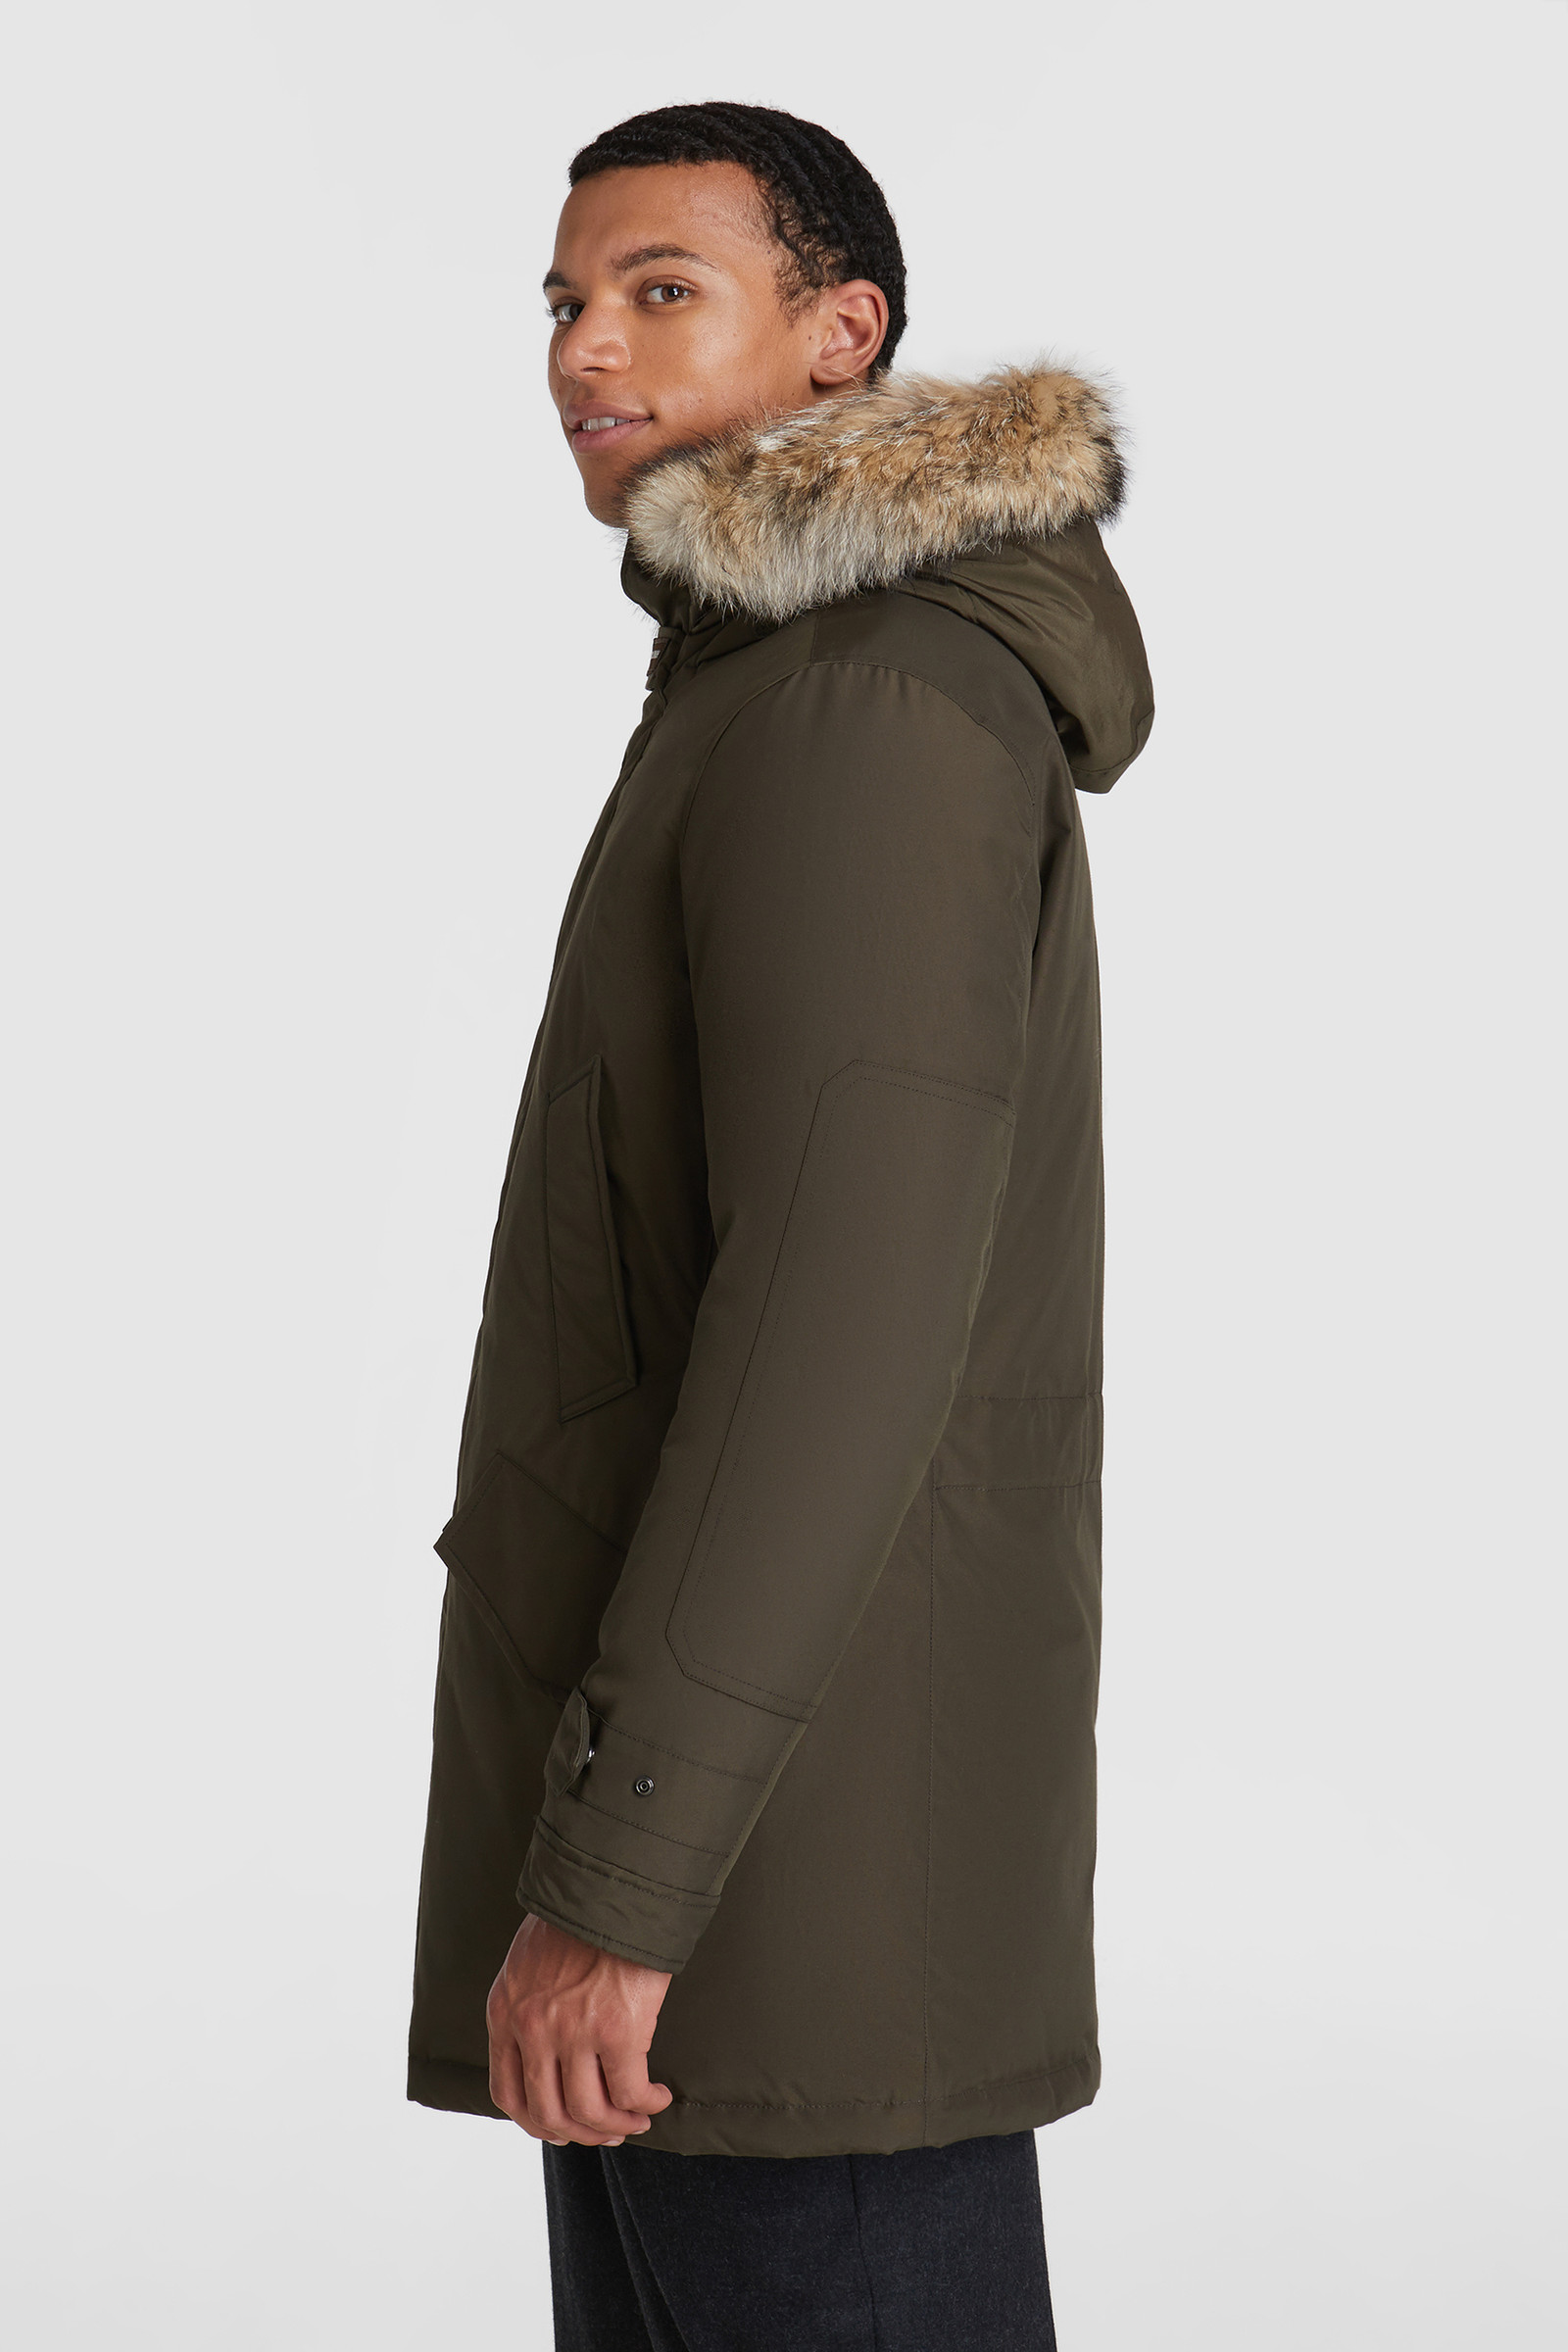 High neck polar Parka, coyote fur